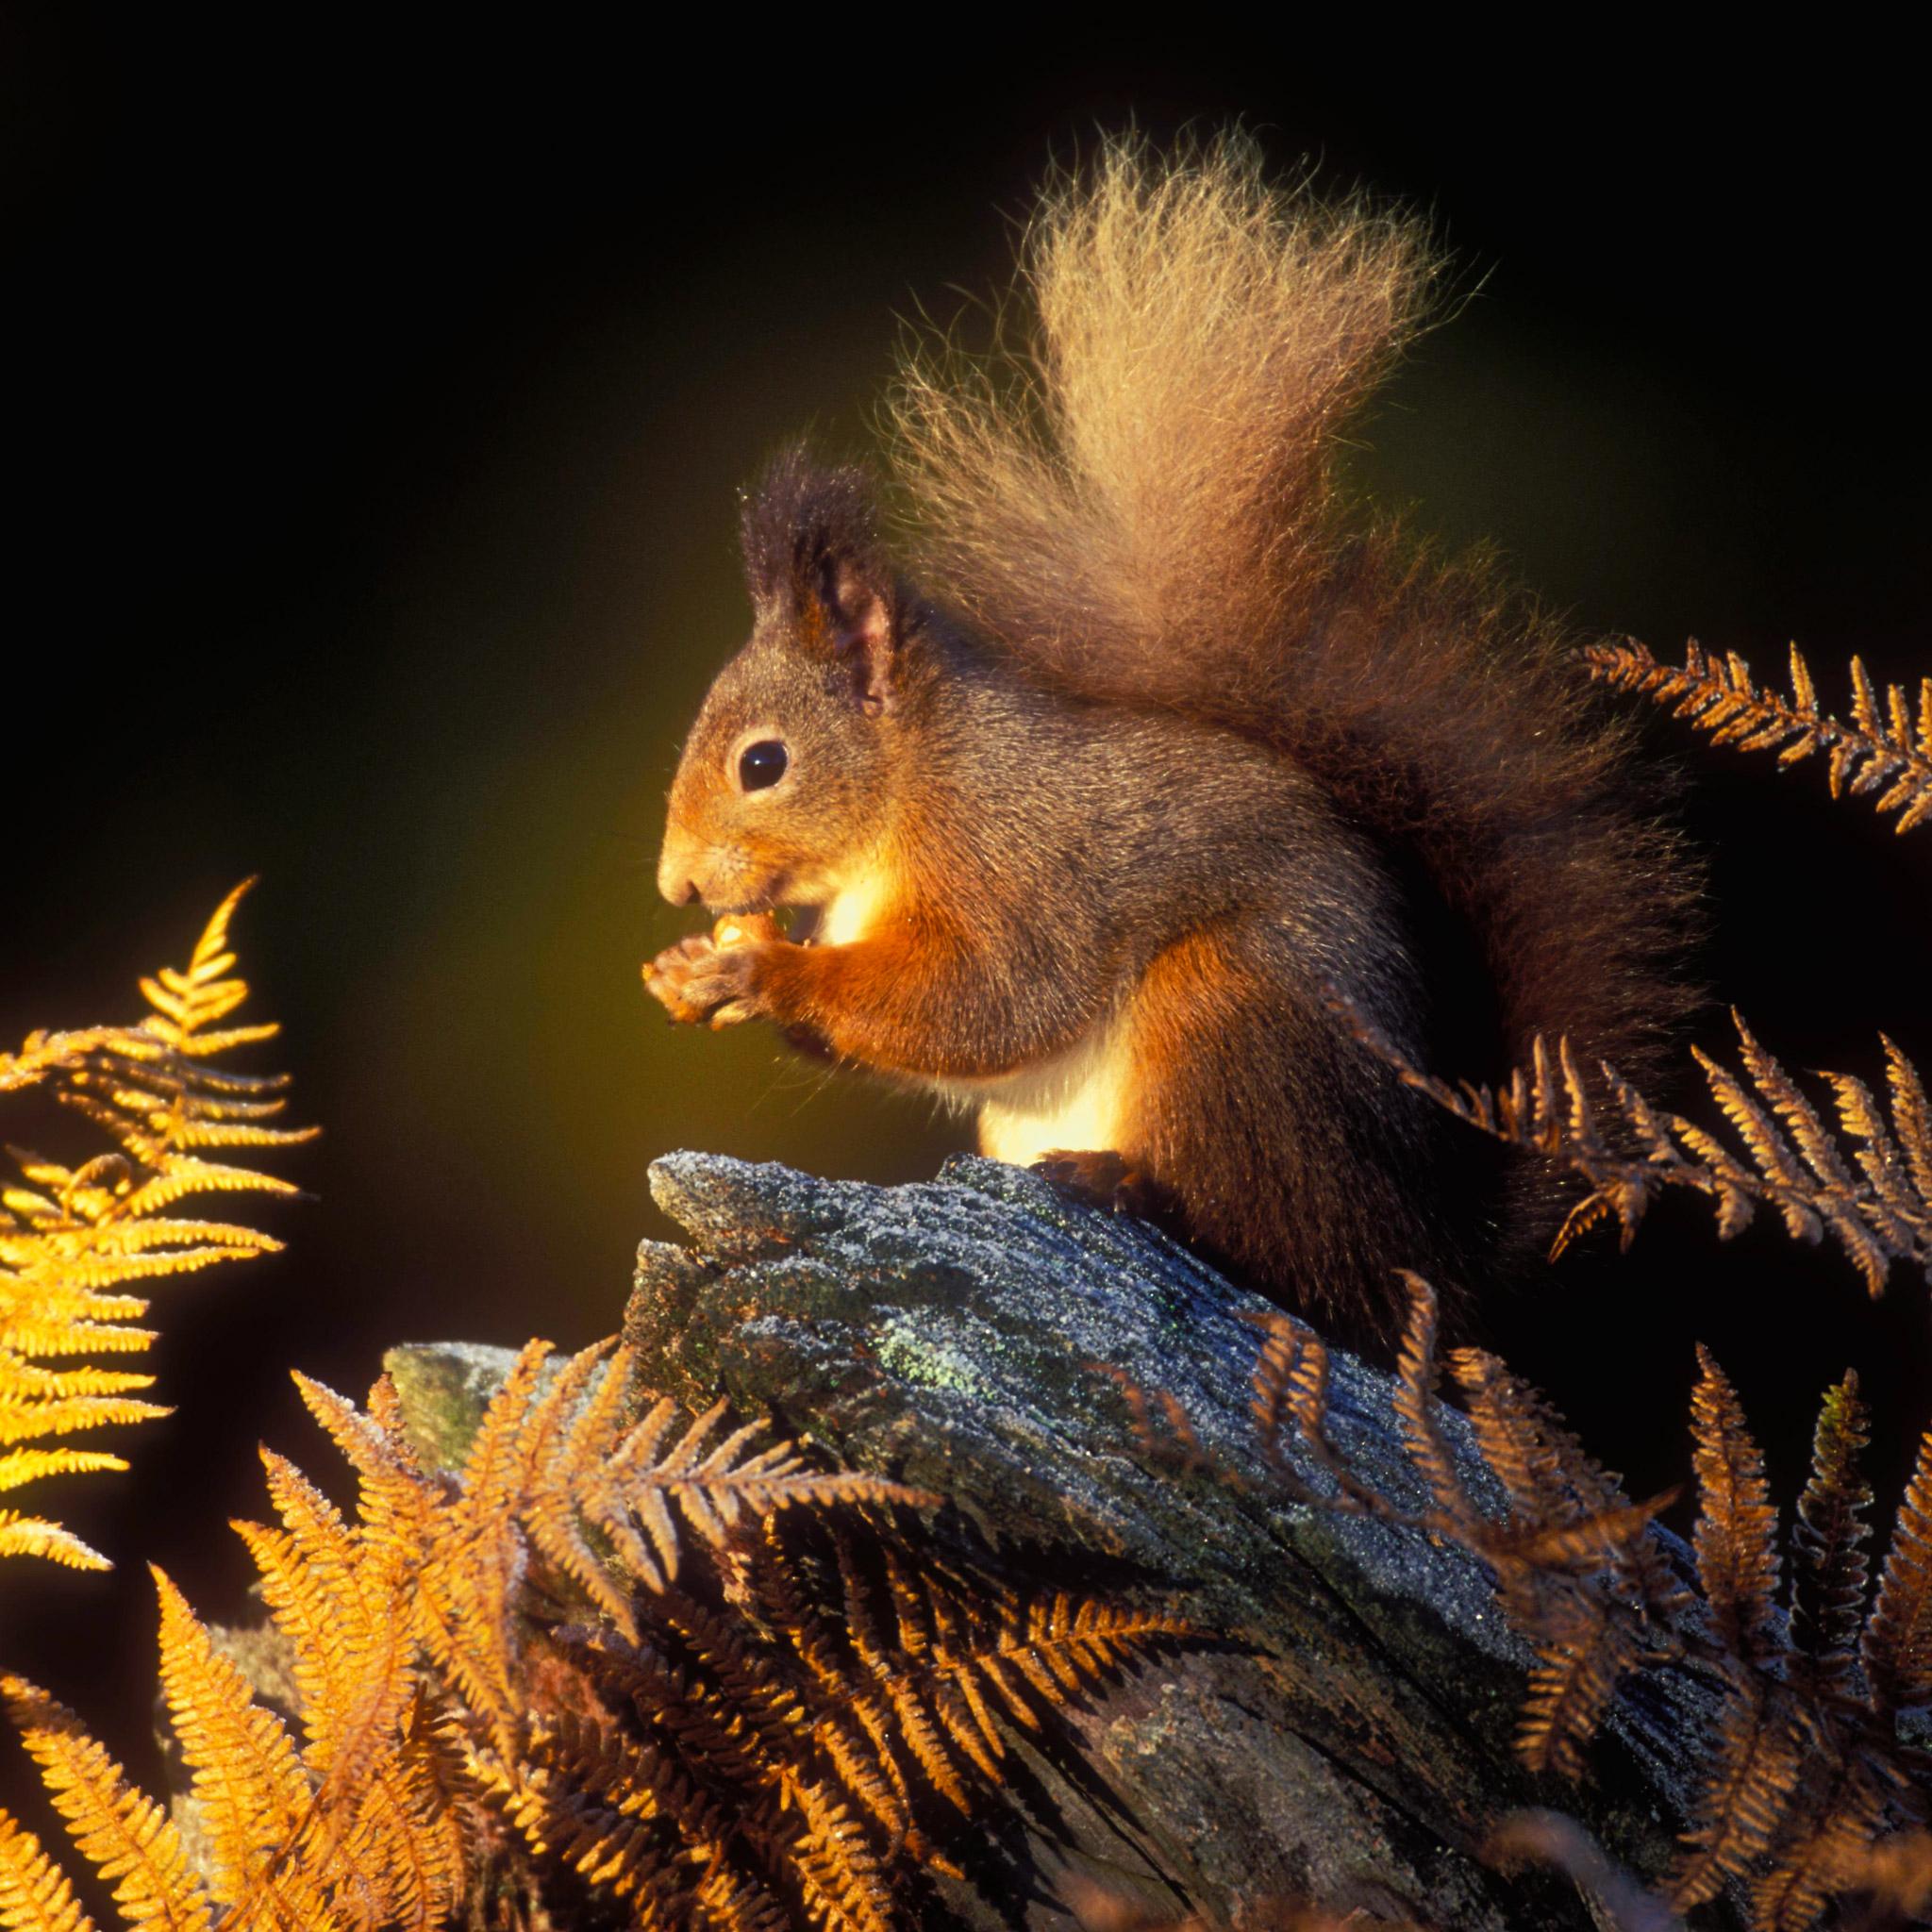 Squirrel 3Wallpapers iPad Retina Squirrel   iPad Retina